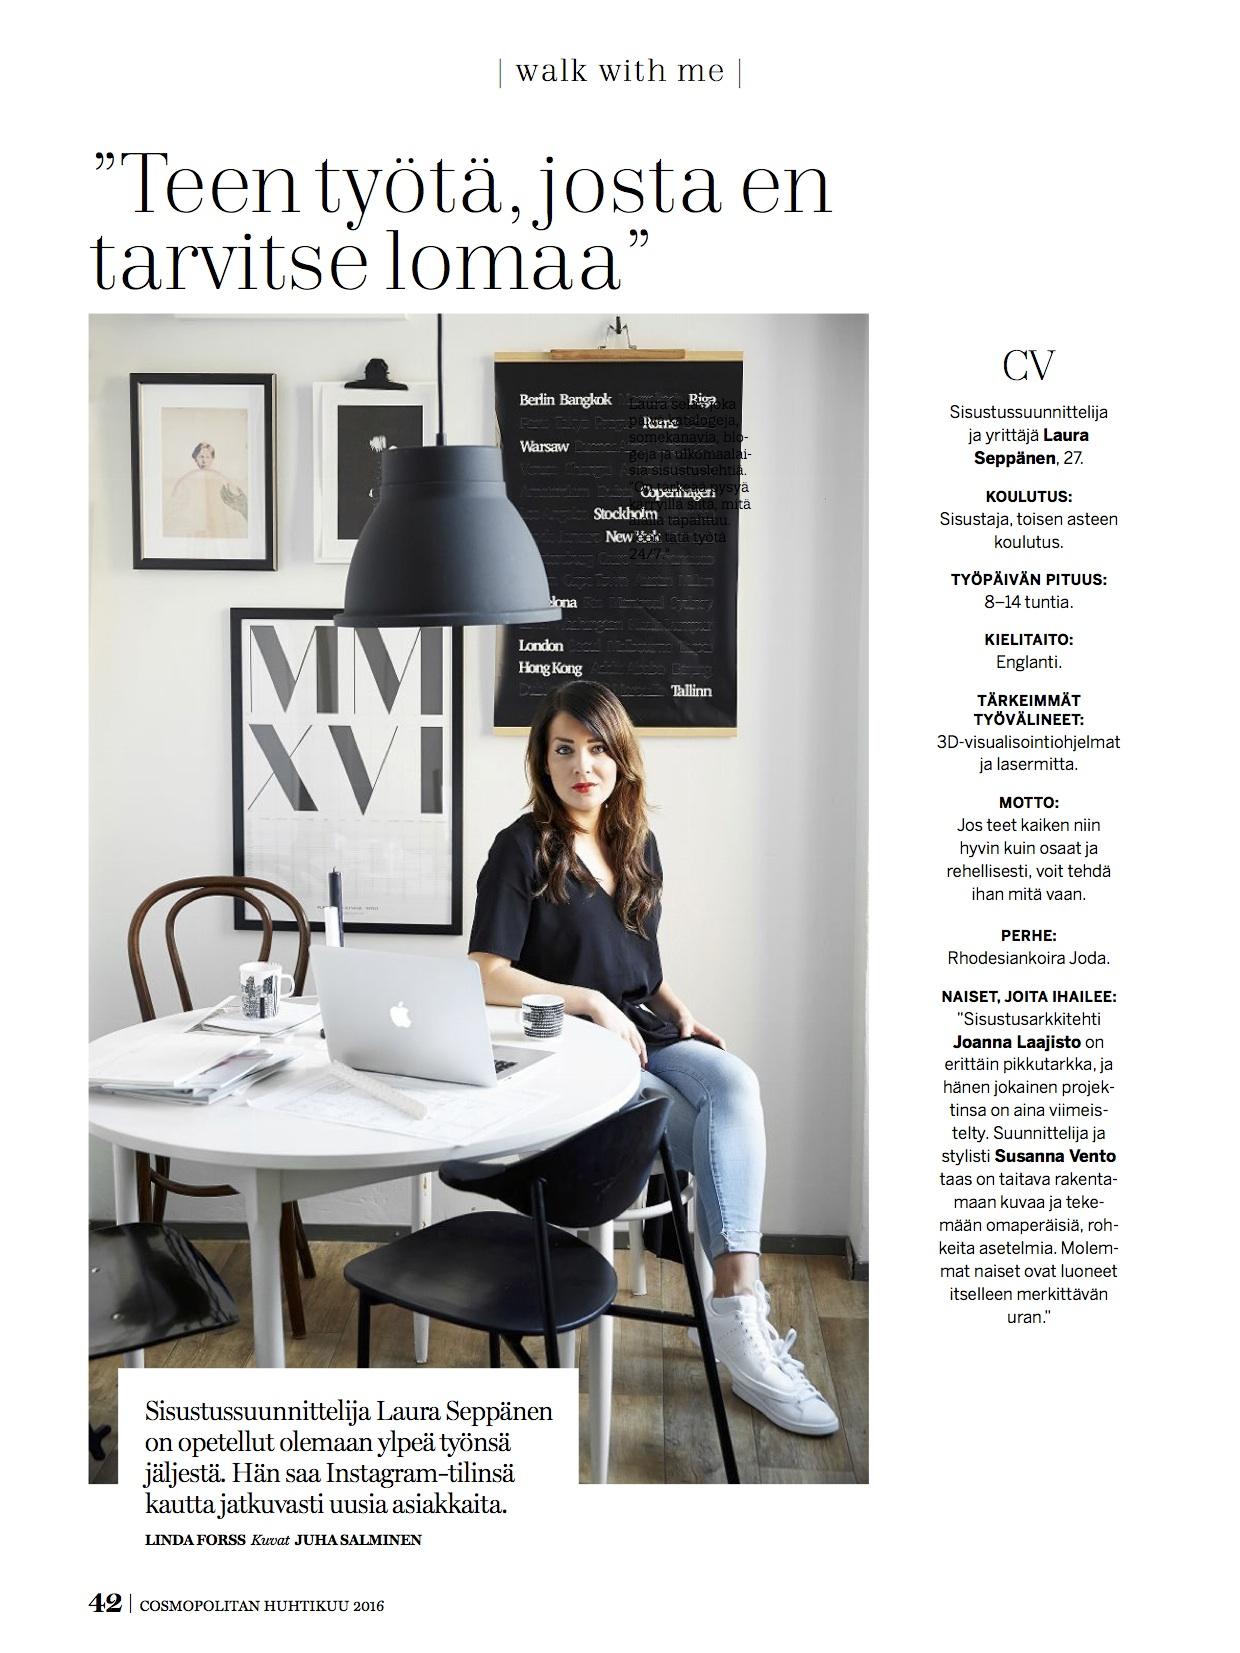 Laura-Seppanen-sisustussuunnittelu-cosmopolitan